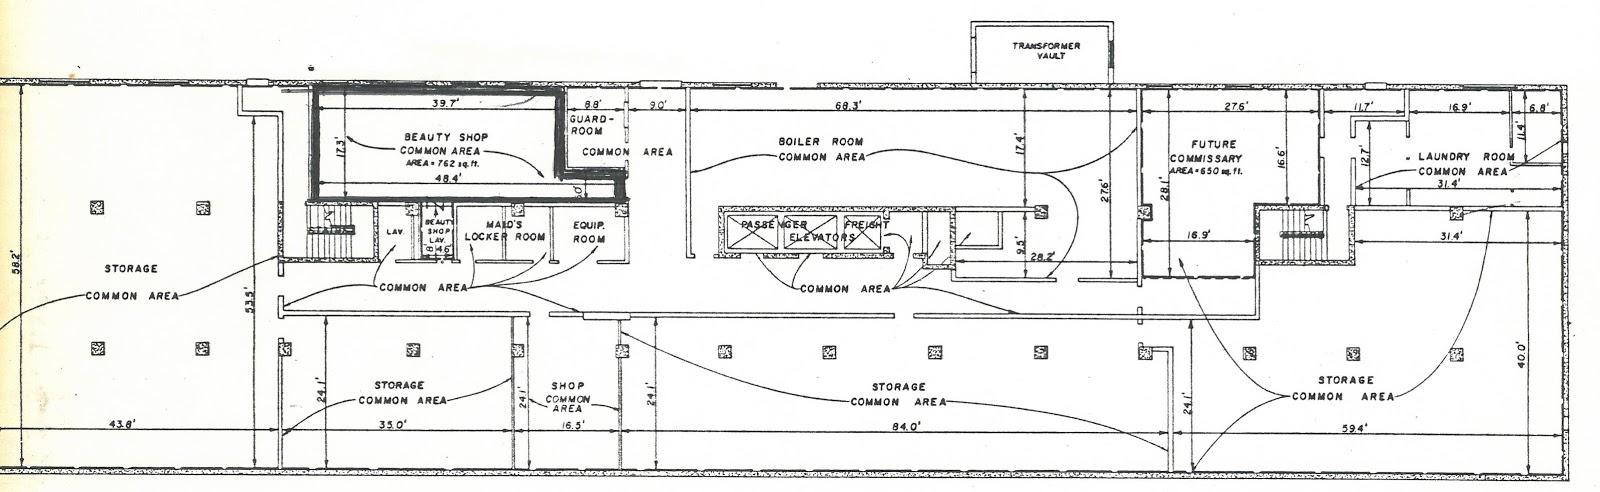 73+ Hyatt Regency Atlanta Floor Plan - Hyatt Regency Atlanta Fall ...